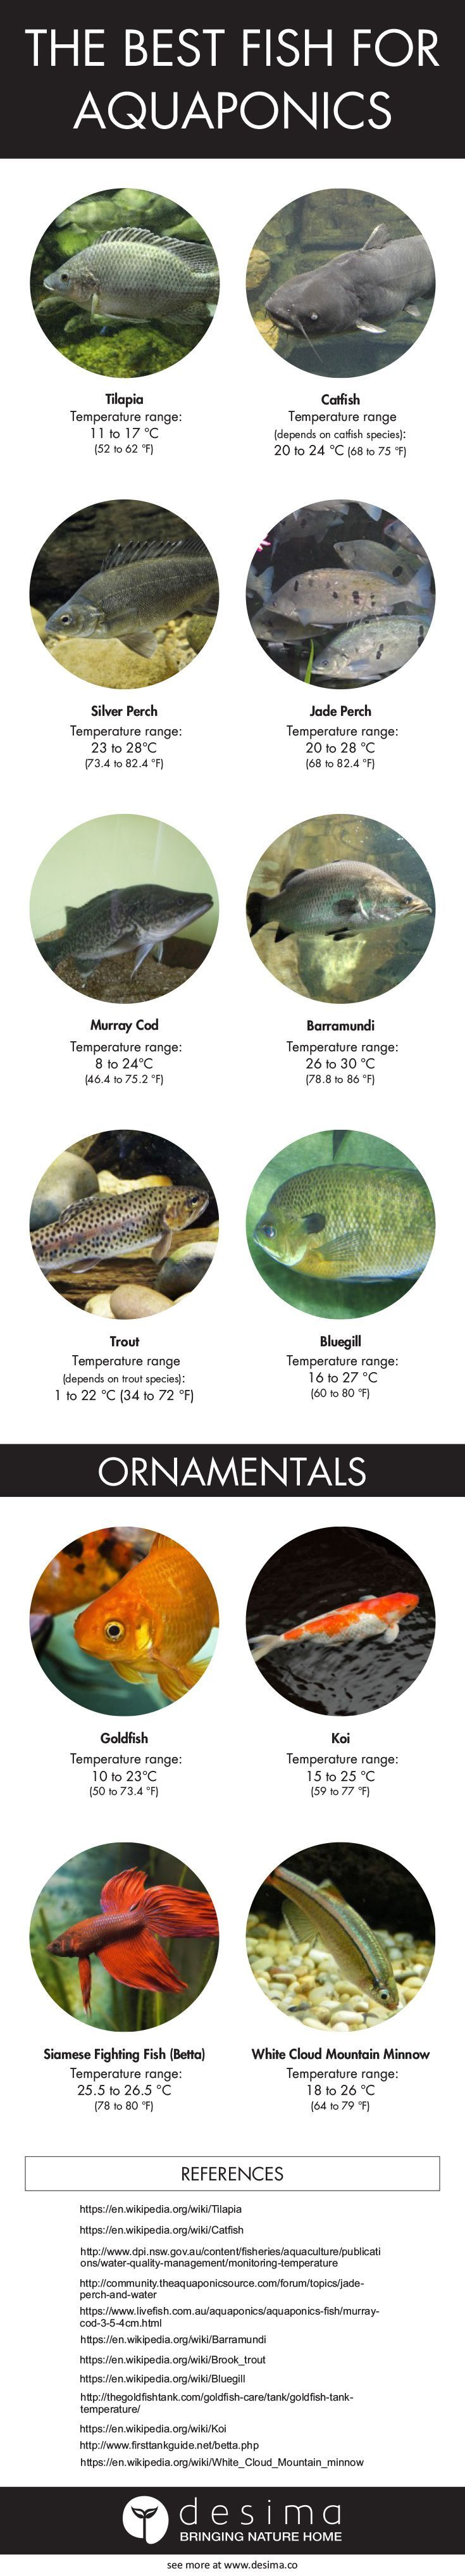 567 best aquarium images on Pinterest